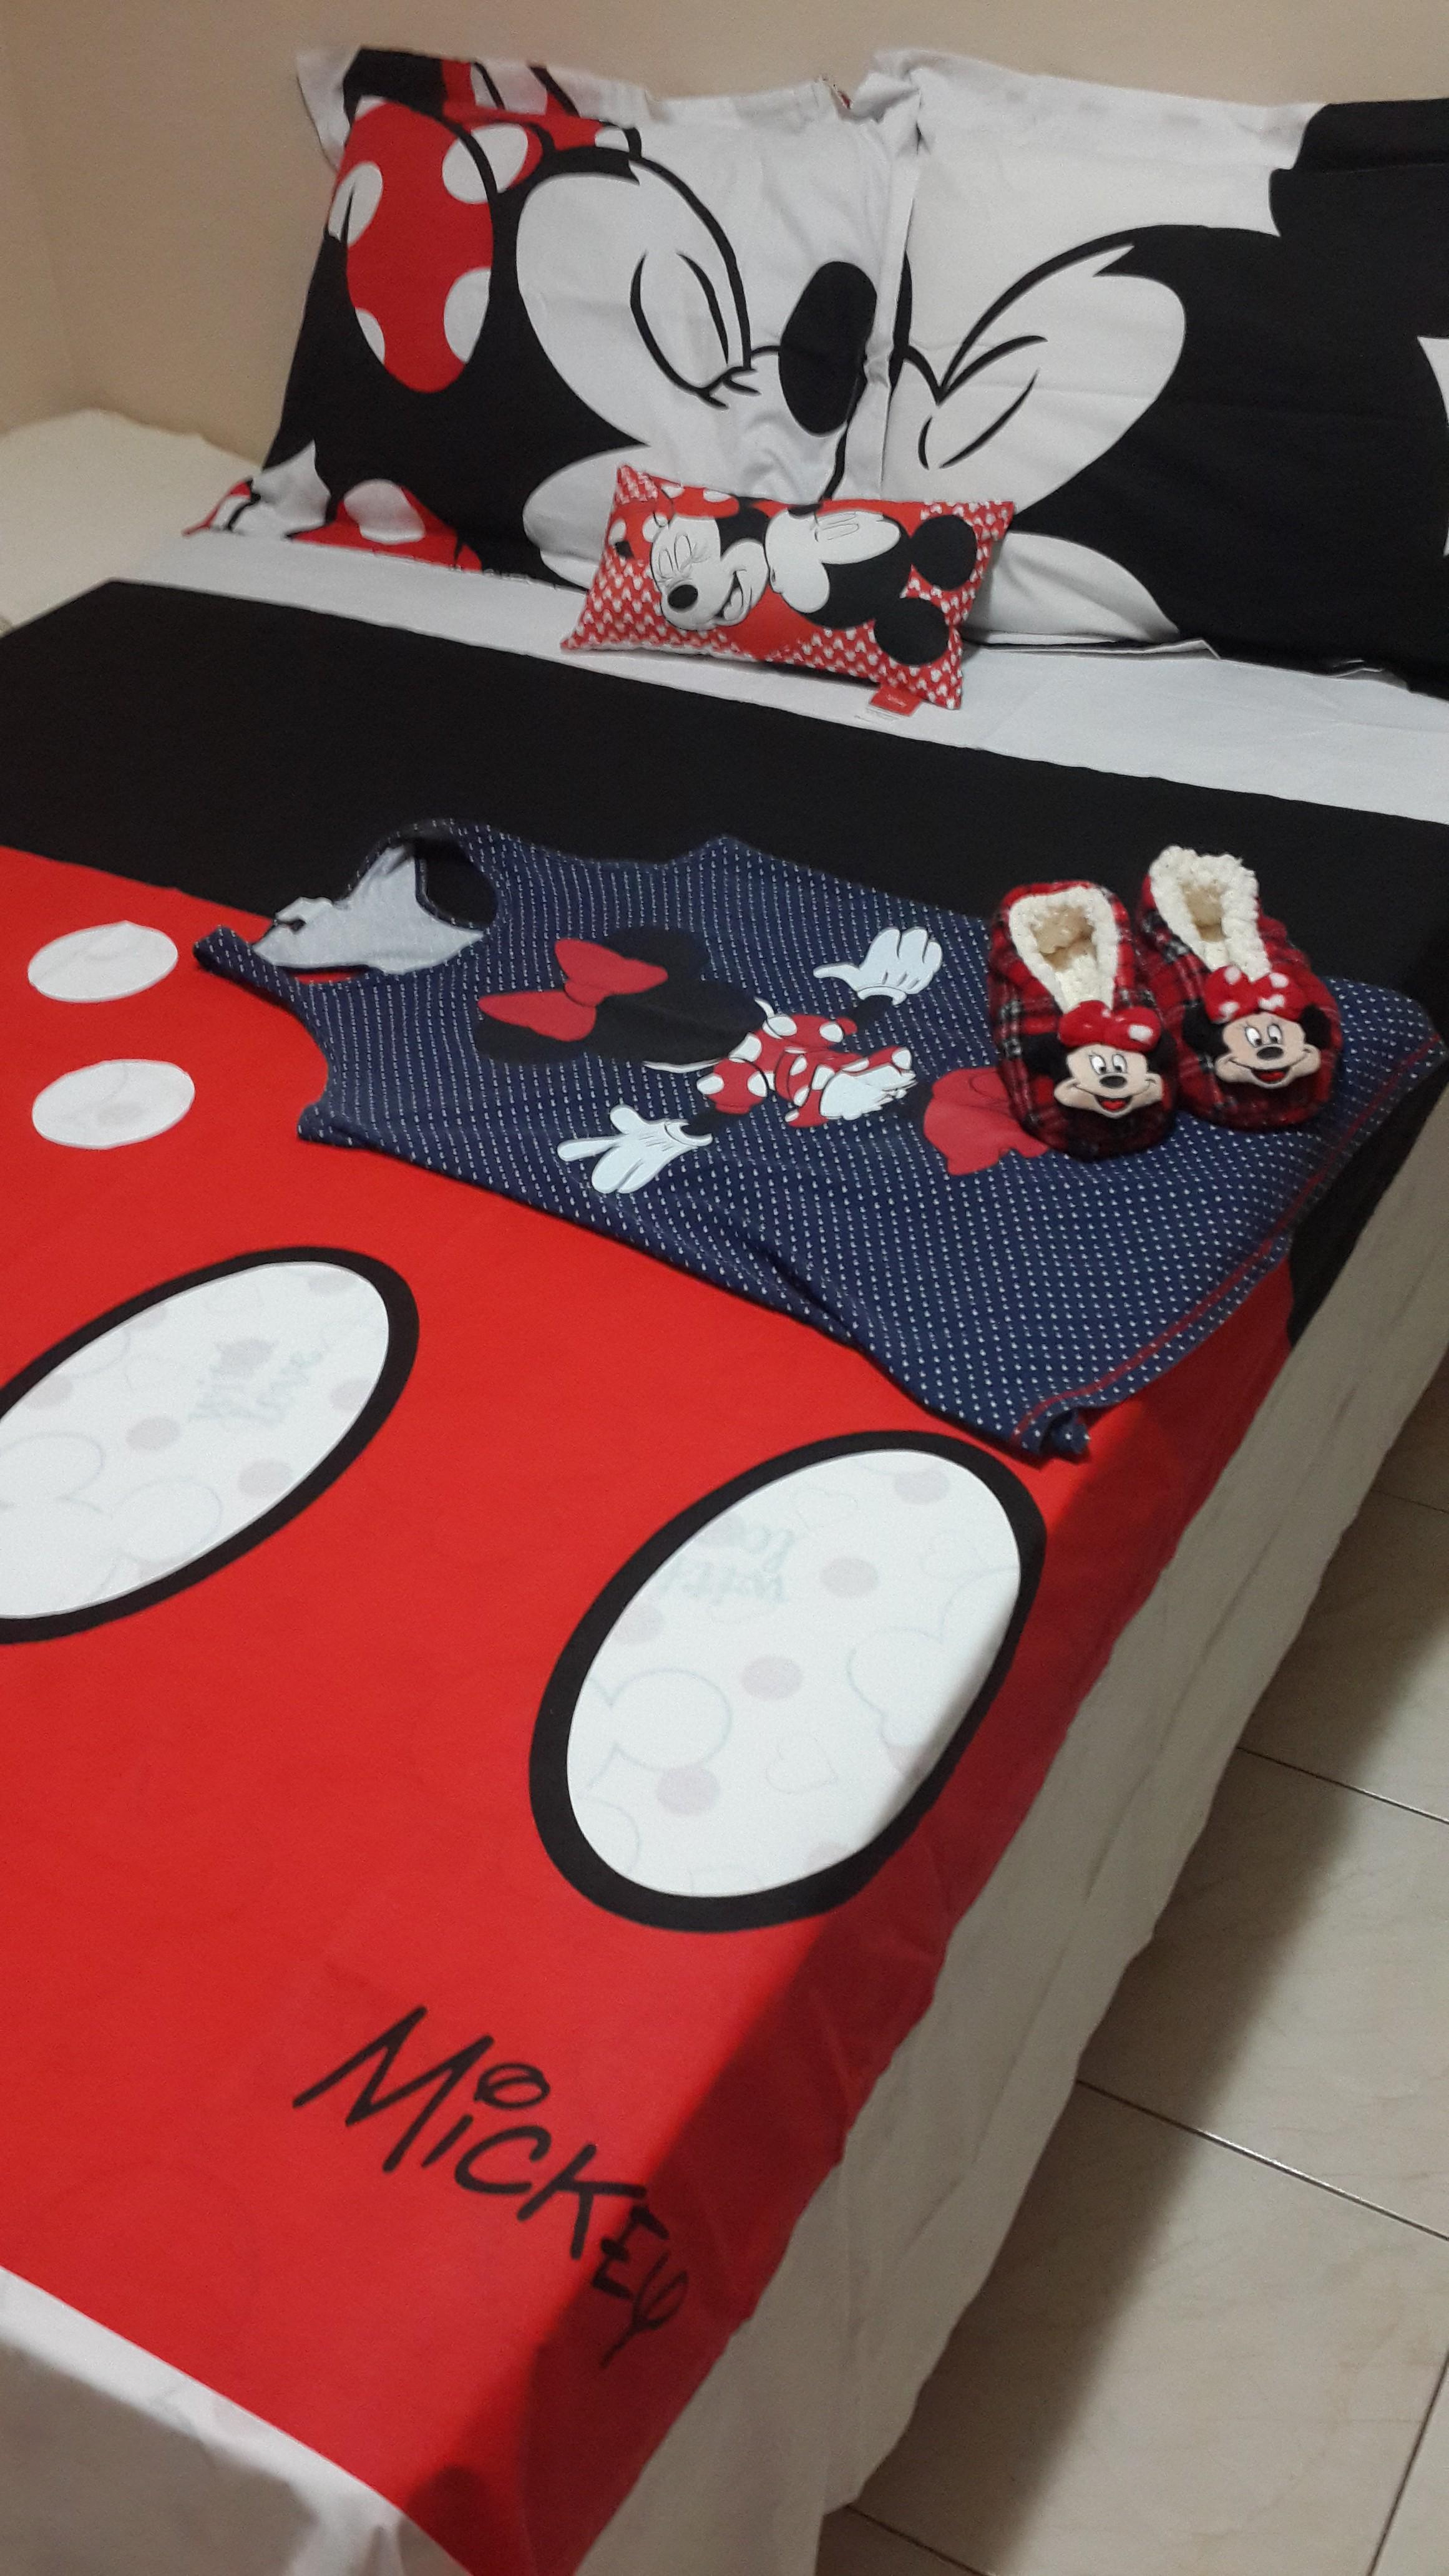 e9603ea279 ... jogo de cama LINDO da Disney e precisava compartilhar! ♥♥♥♥♥. ♥♥♥♥♥